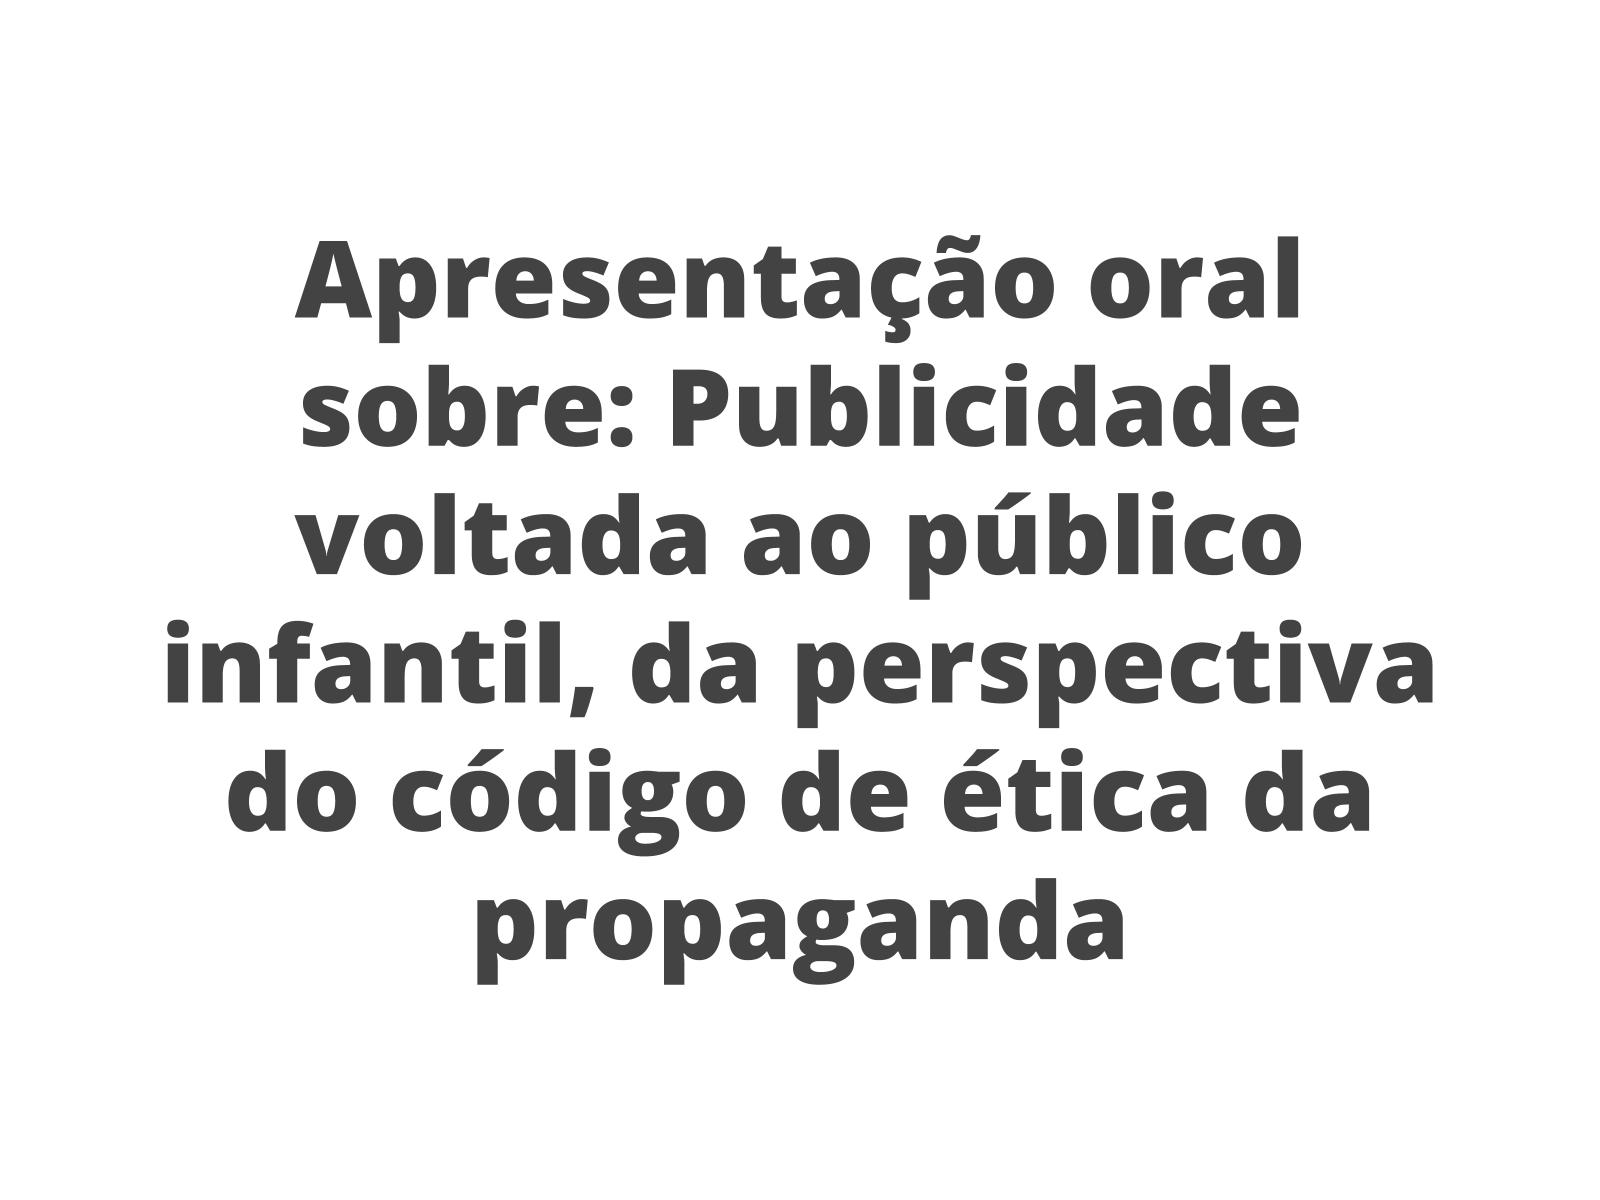 Apresentação de propostas orais: Código de Ética dos Profissionais de Propaganda e a publicidade infantil